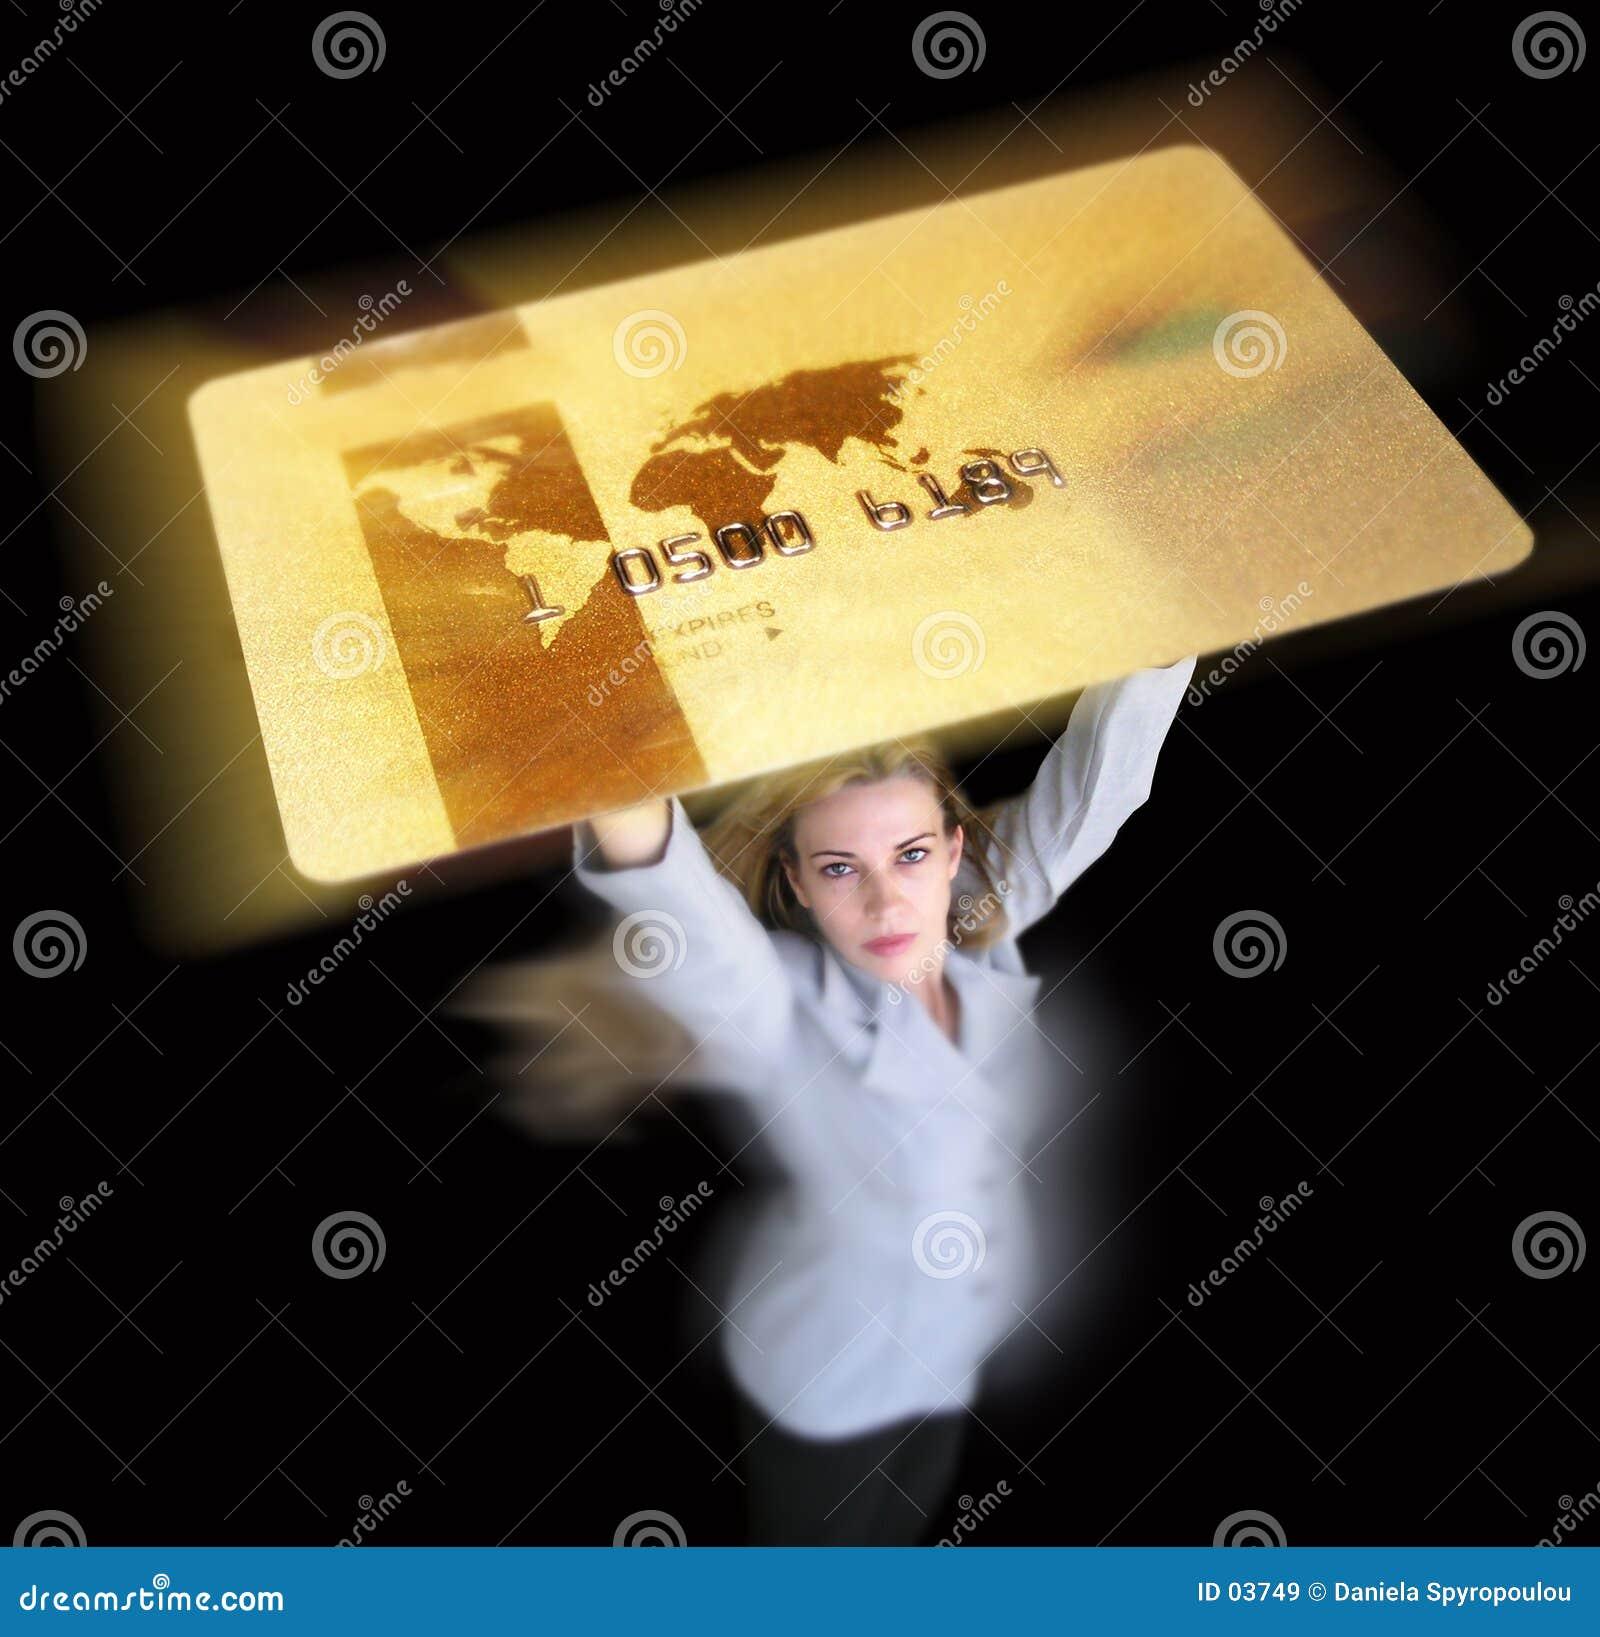 Download Carta di credito immagine stock. Immagine di commercio, businesswoman - 3749